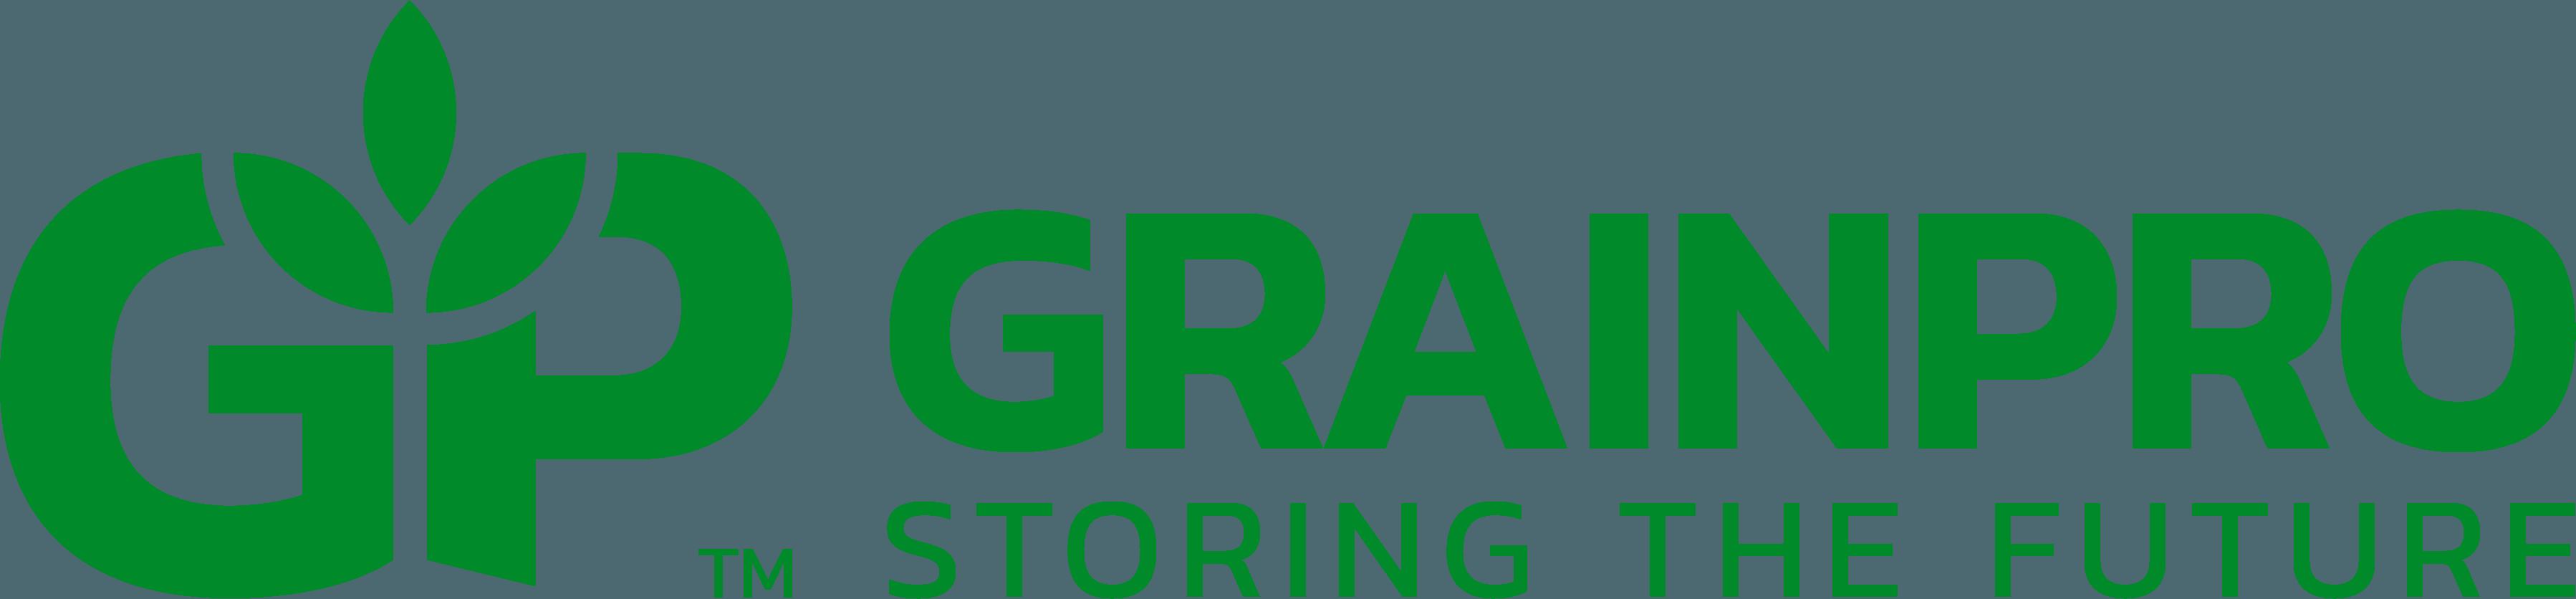 Post Harvest Handling & Storage Solutions for Grains & Beans | GrainPro